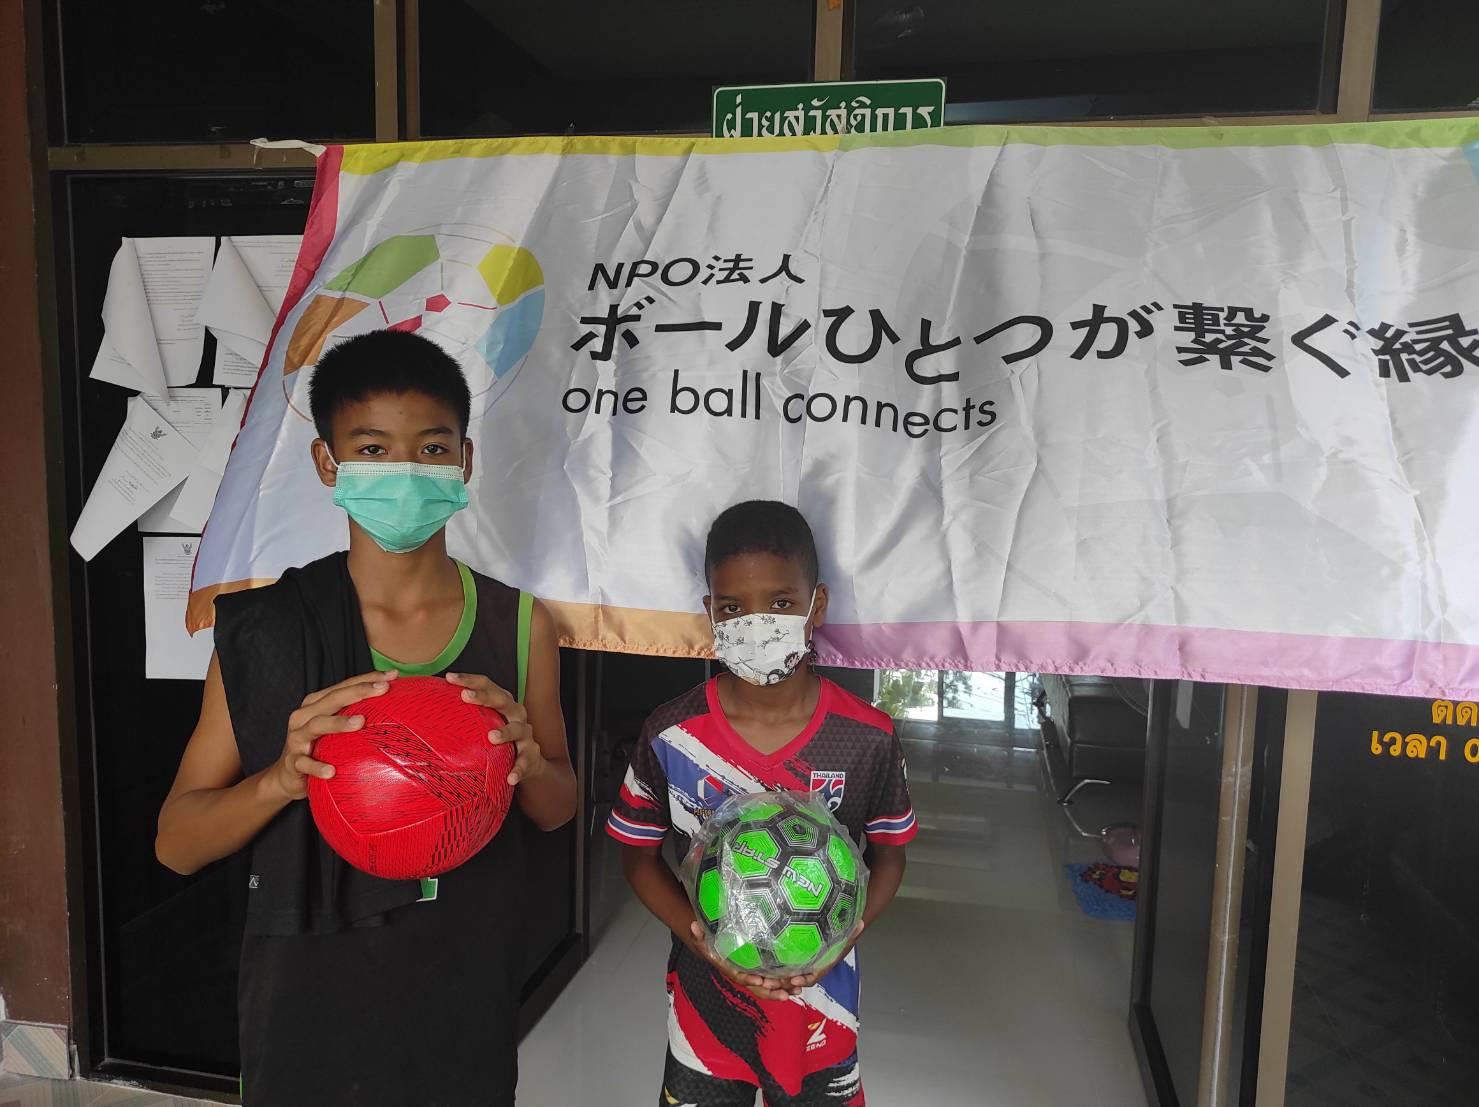 写真 NPOボールひとつが繋ぐ縁14 タイ王国 バンコク bannmahamek LIVE支援(2021年4月17日)